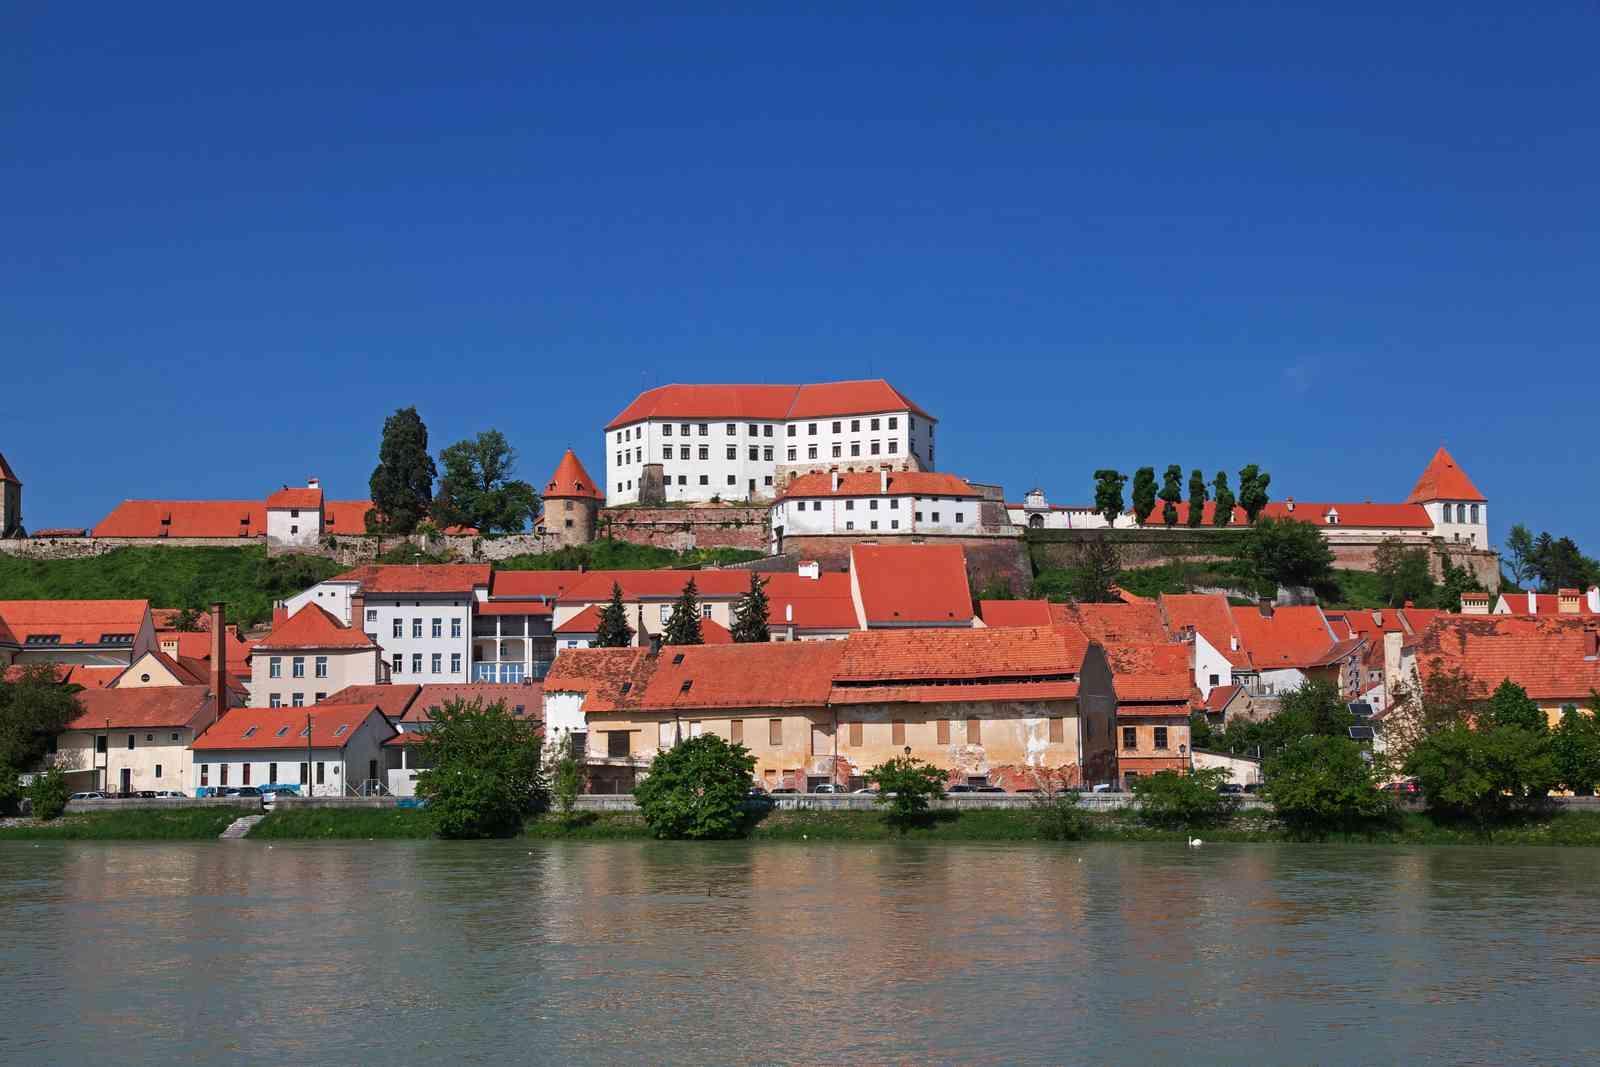 Doživetja v mestu Ptuj - Pogled na Ptuj